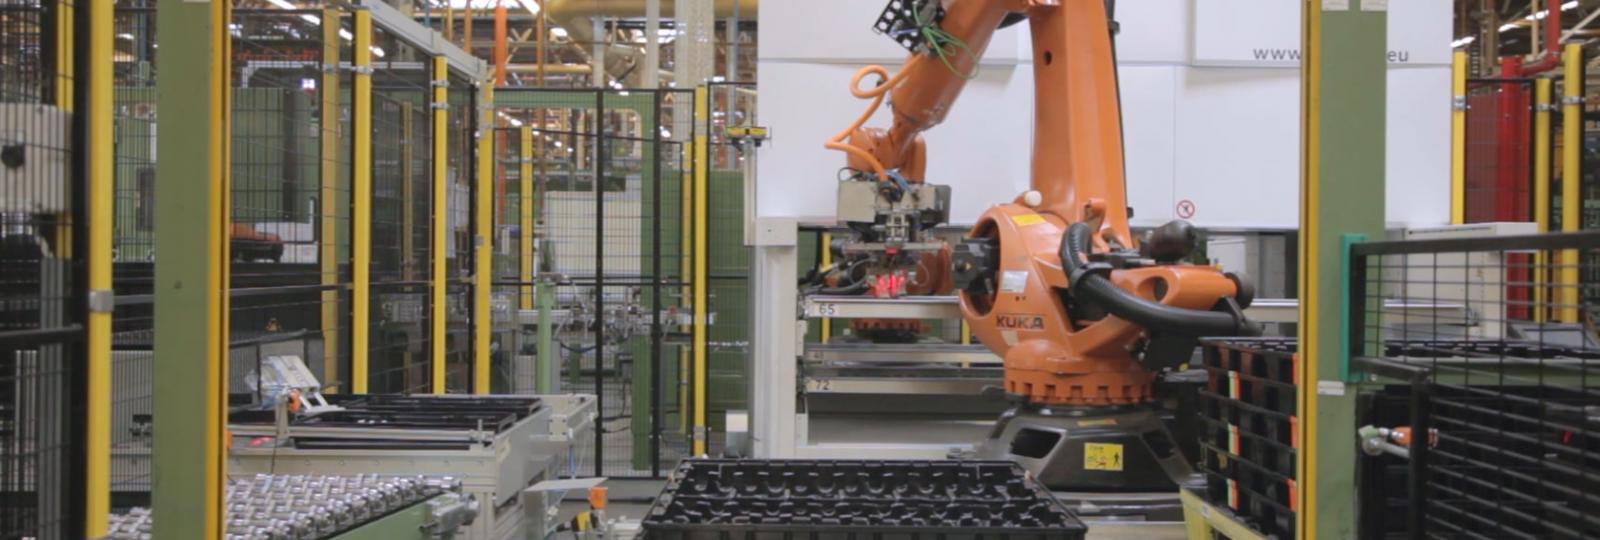 Lifts verticaux avec robots